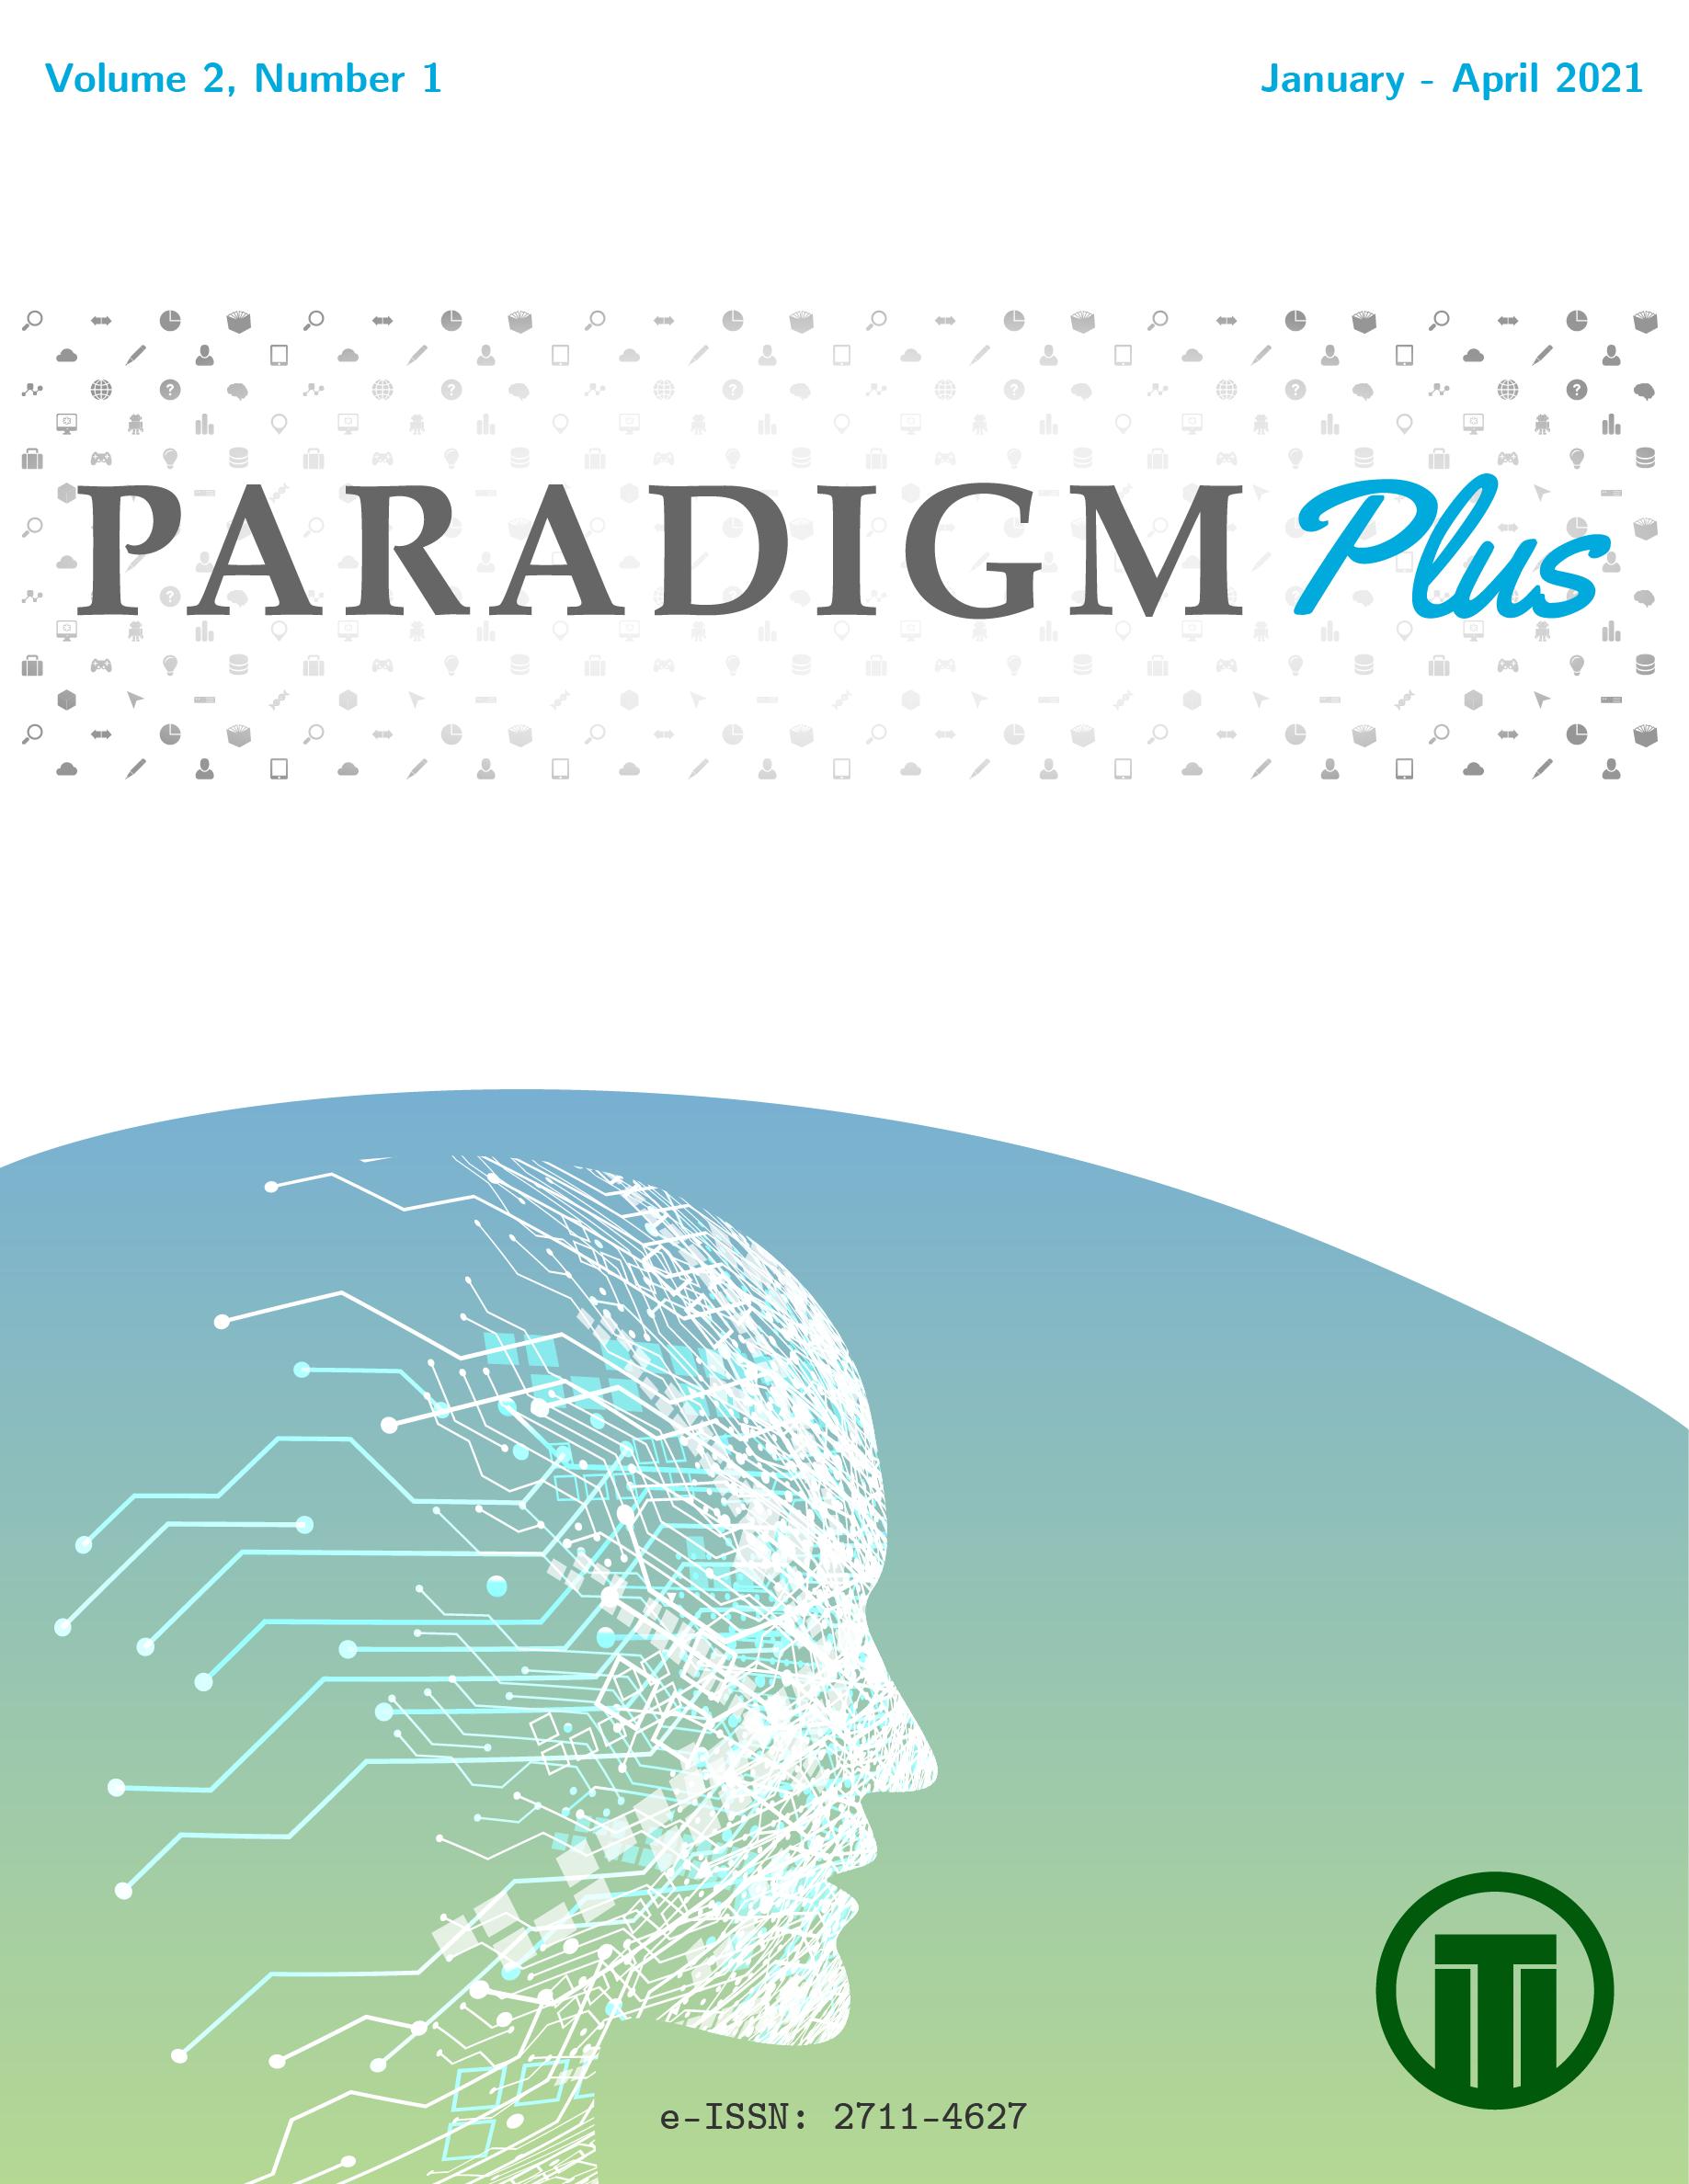 ParadigmPlus Volume 2, Number 1 (2021)